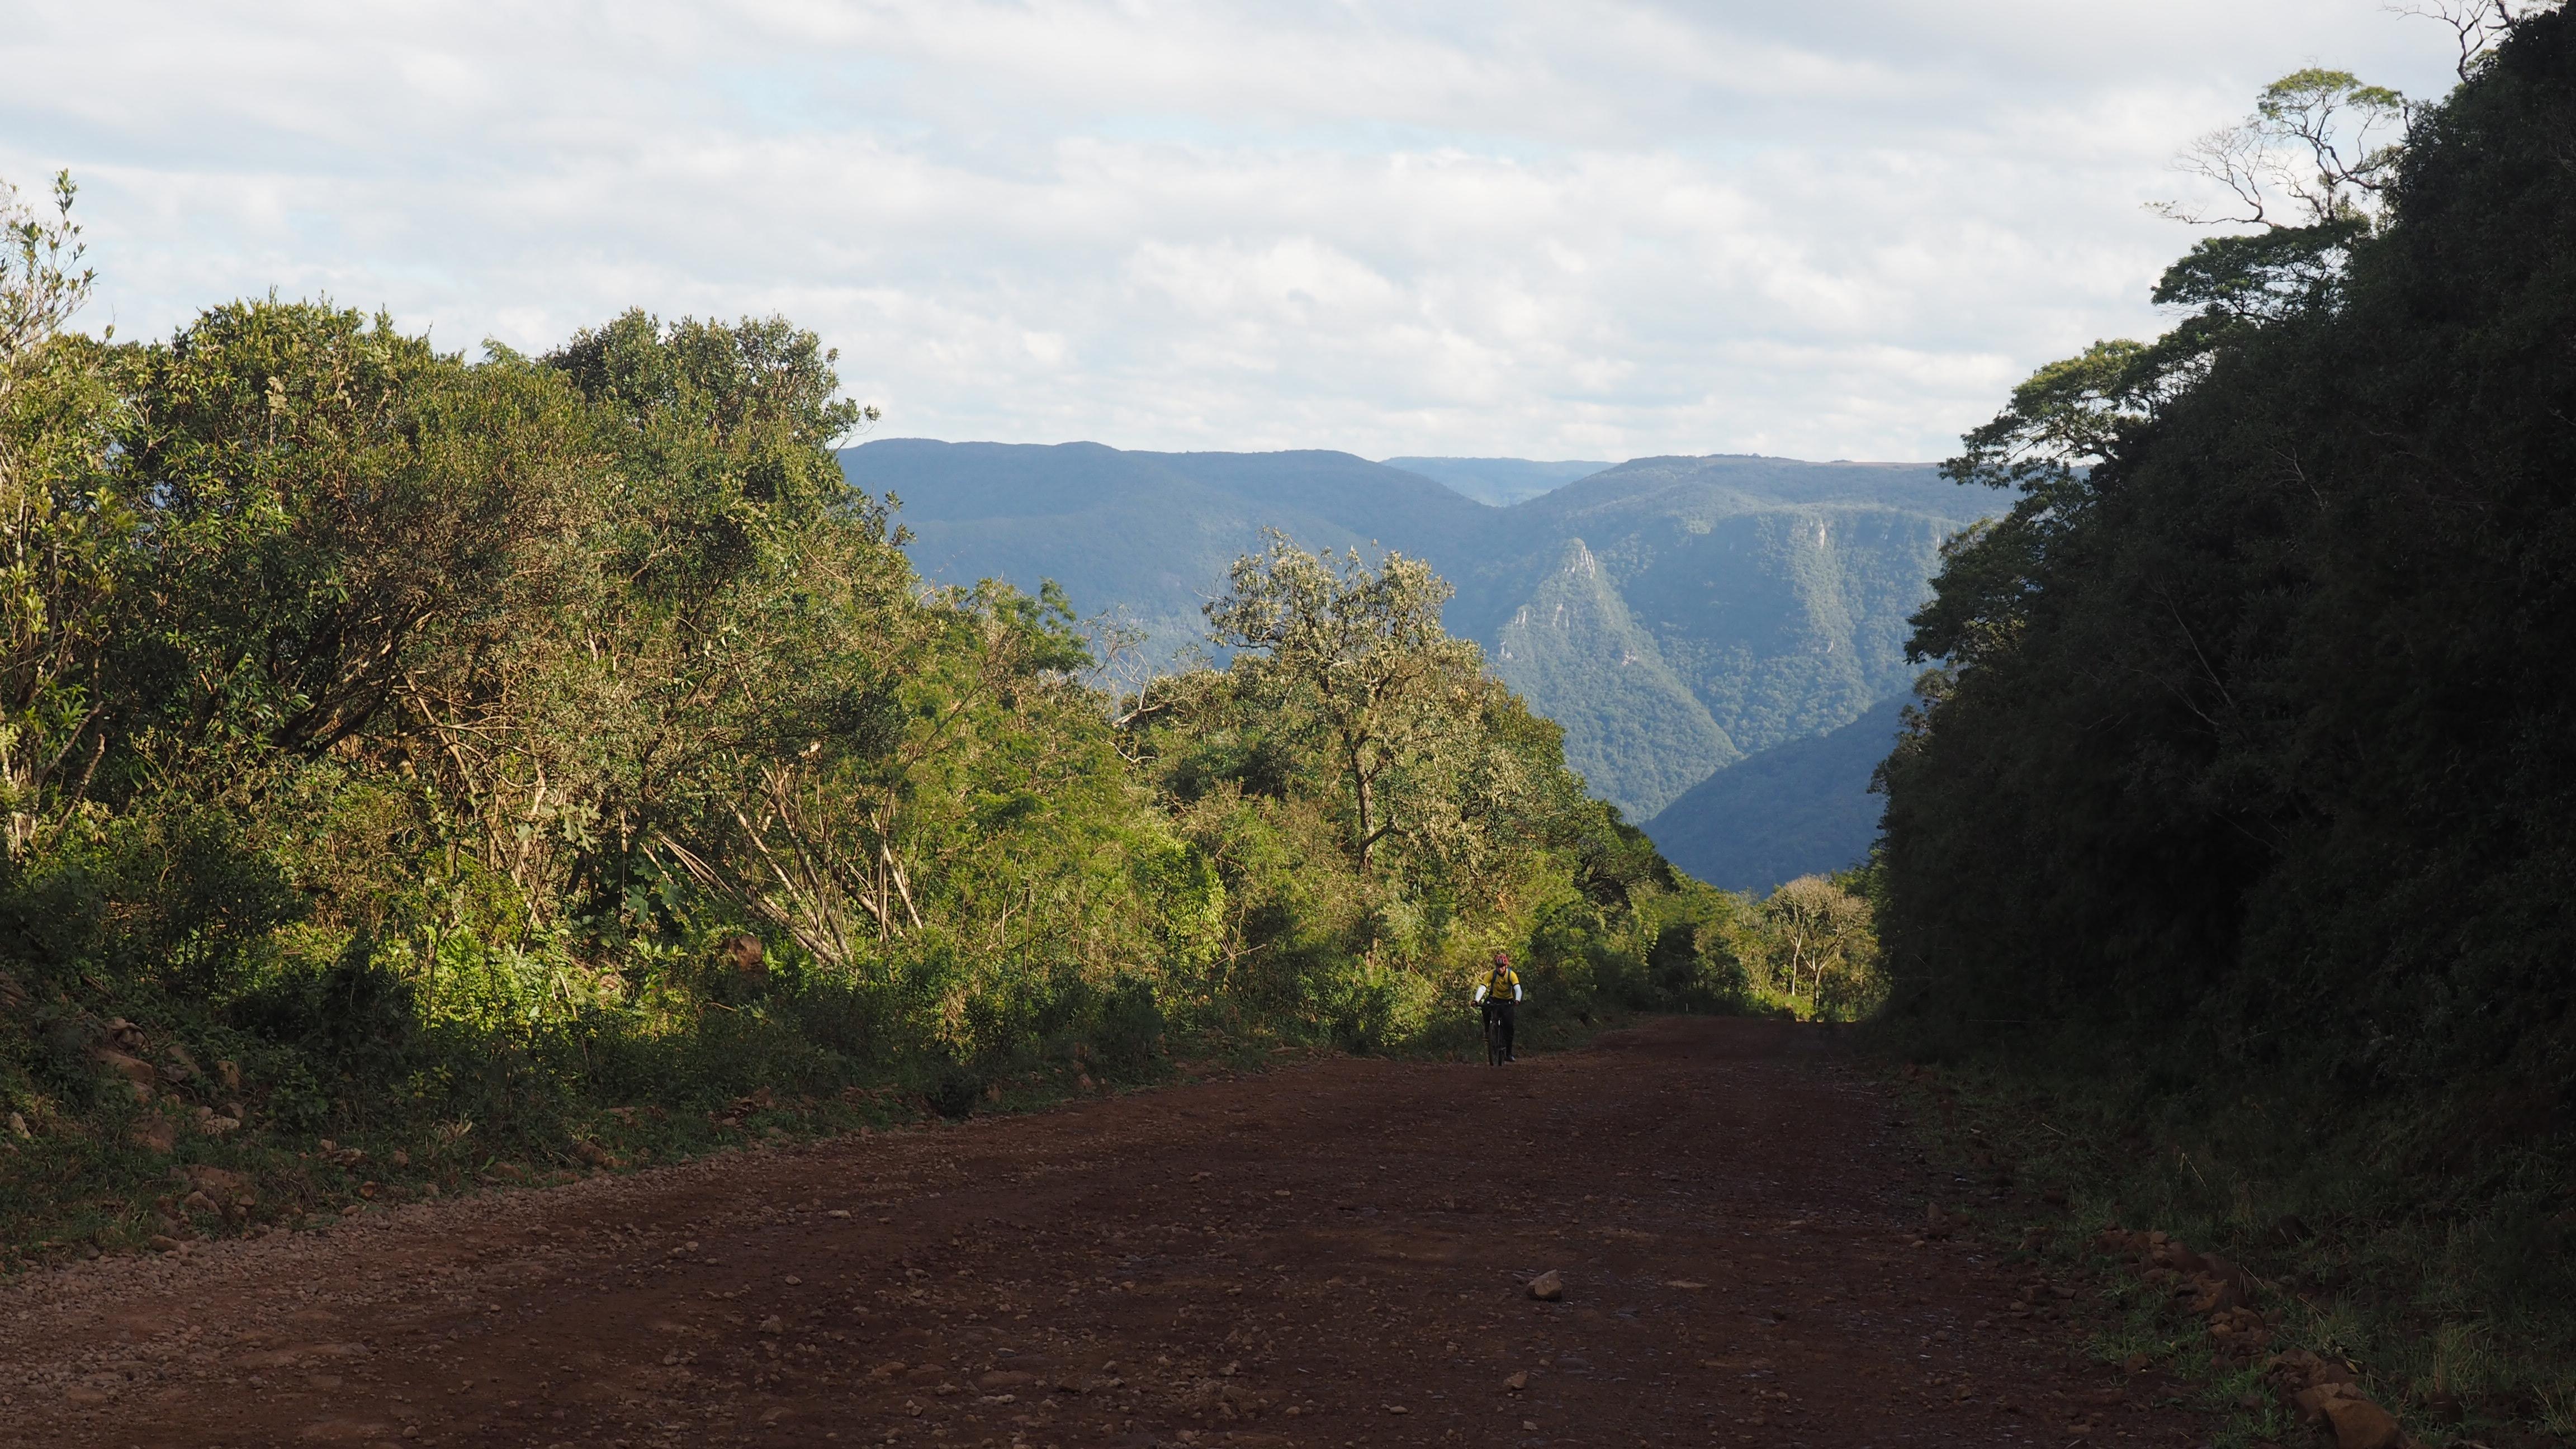 Cómo llegar al Cañón de Itaimbezinho desde Praia Grande